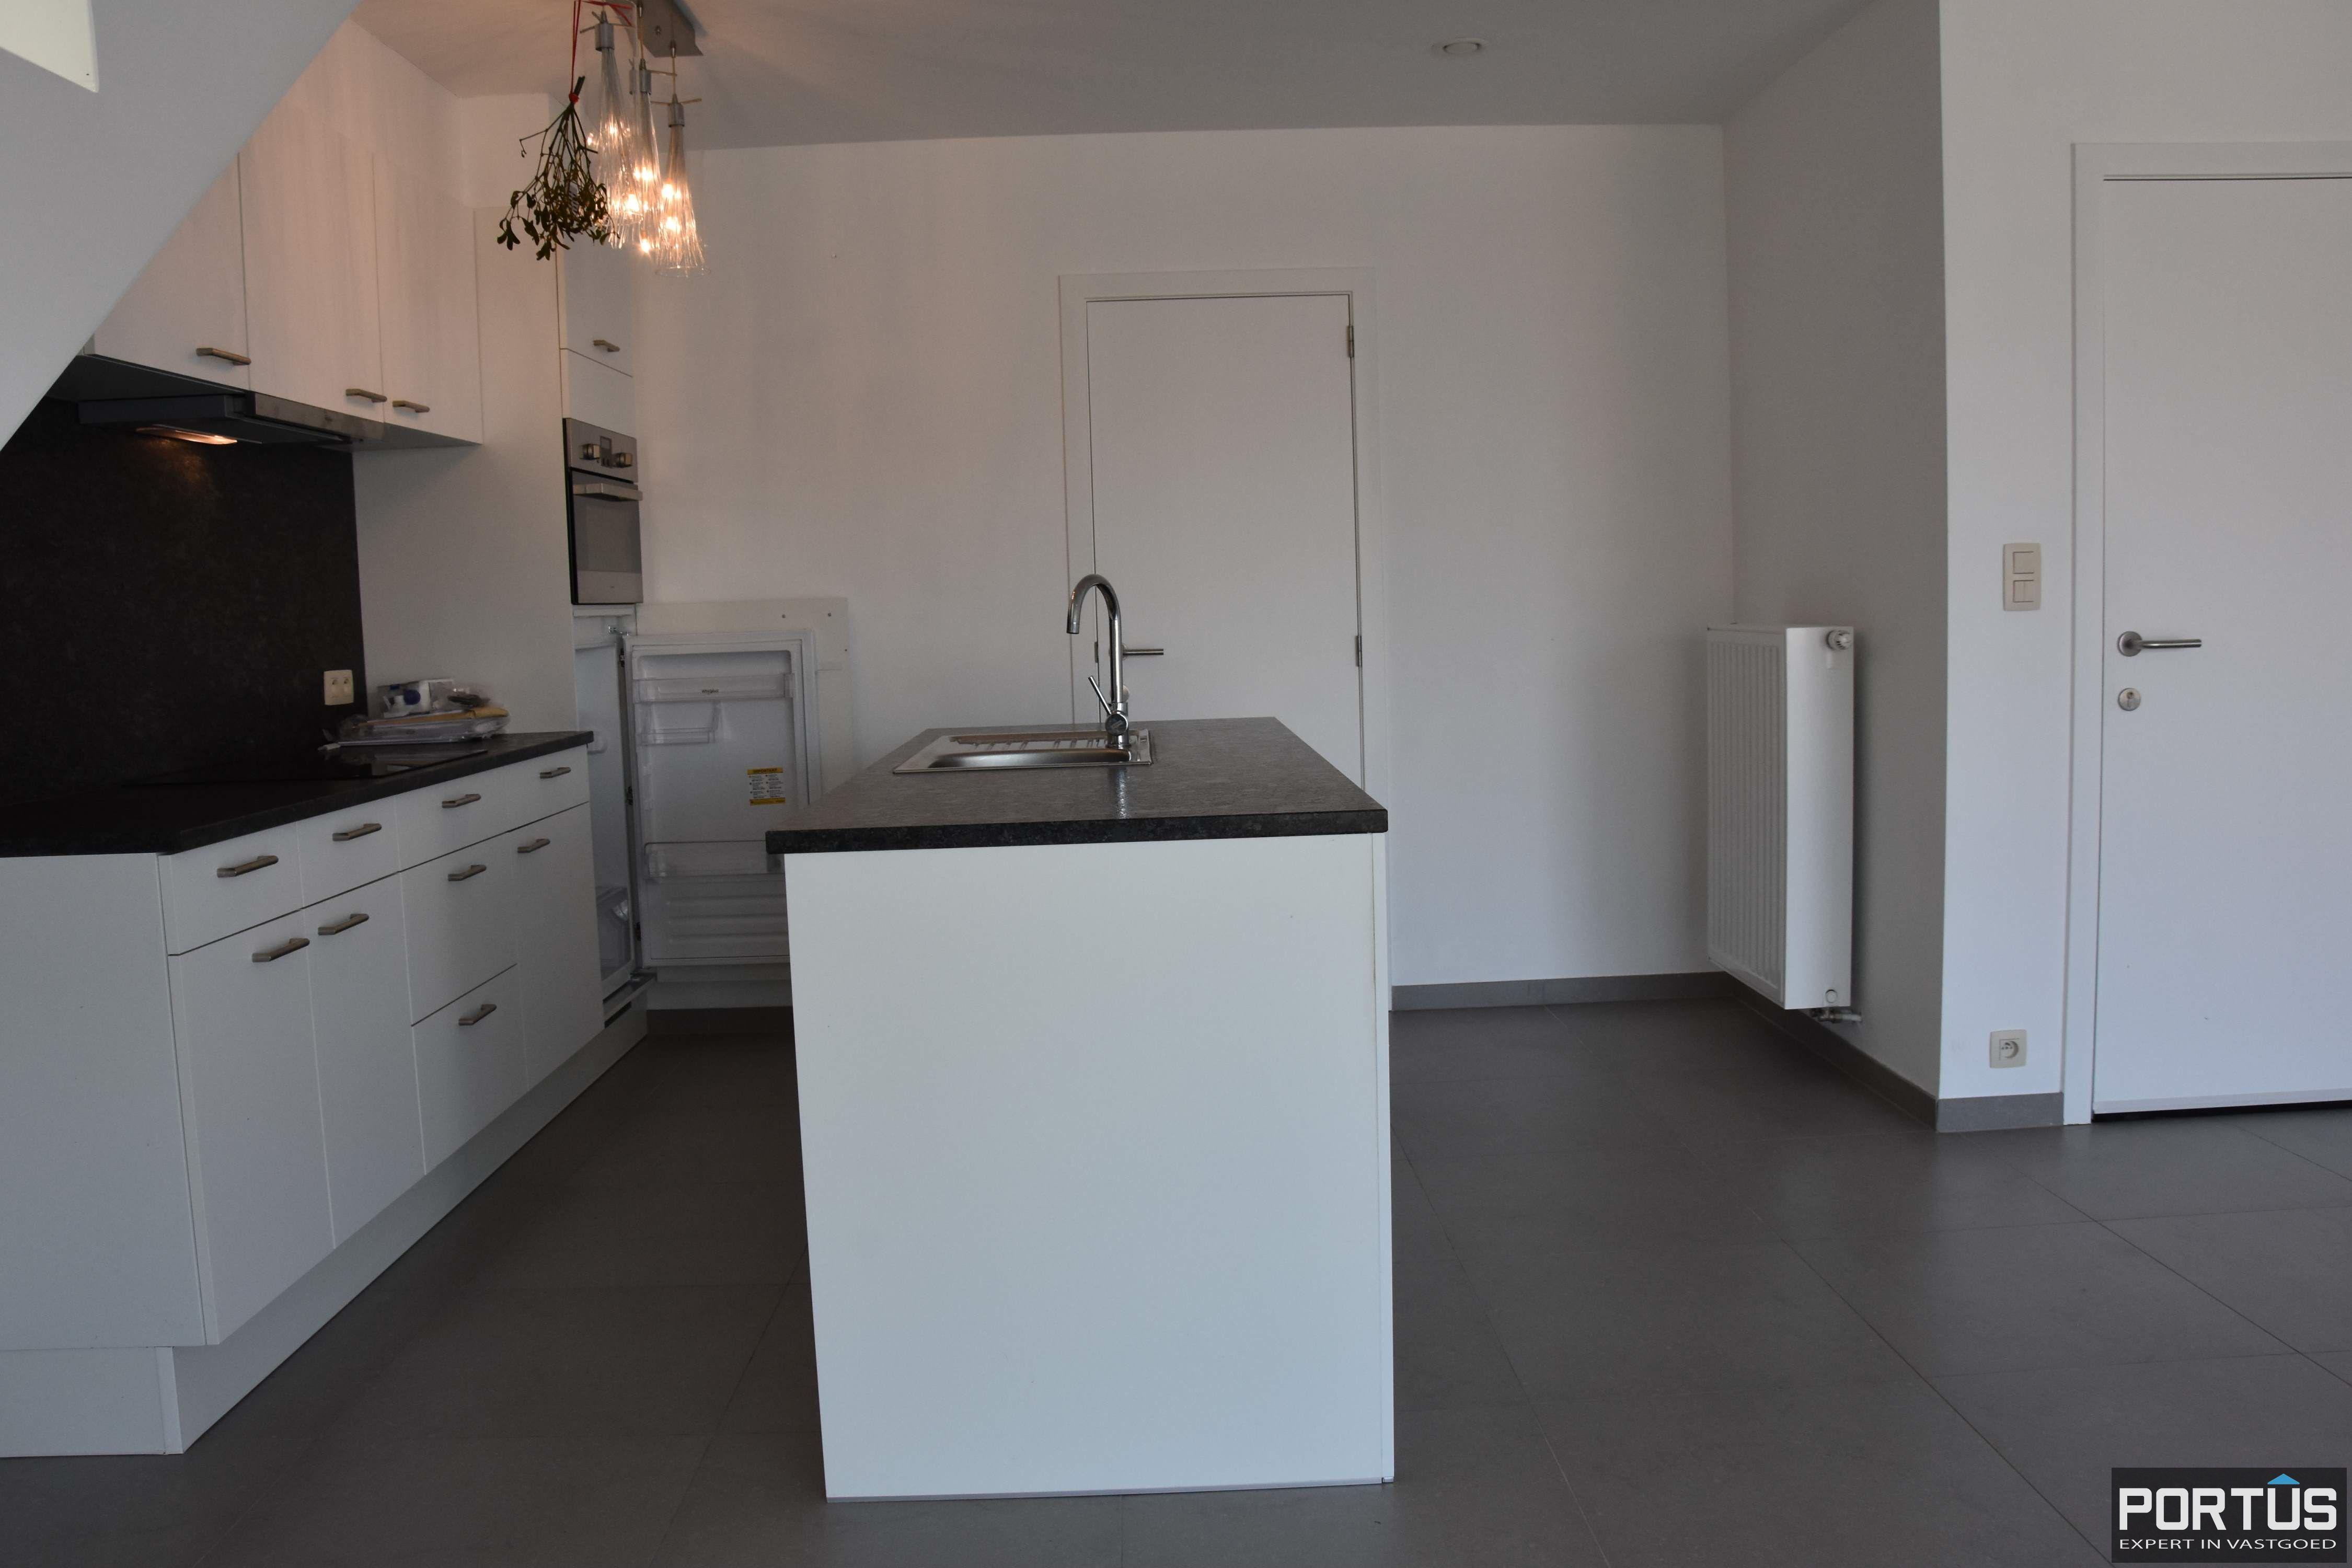 Recent appartement te huur met 3 slaapkamers, kelderberging en parking - 11123